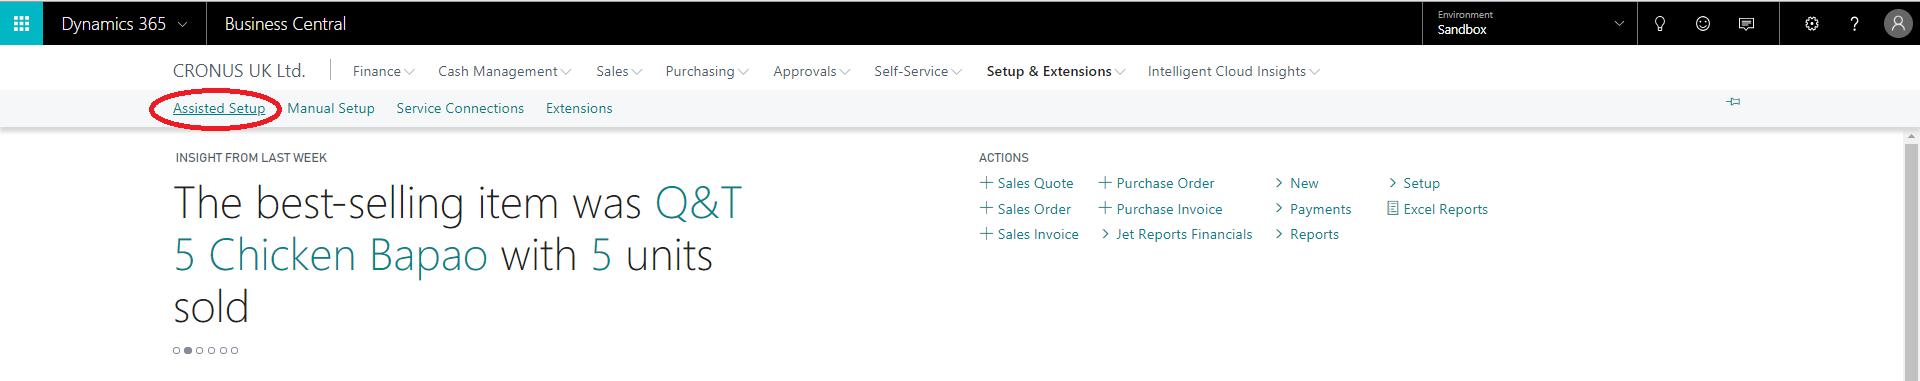 Localizando o menu de instalação assistida no Microsoft Dynamics 365 Business Central;